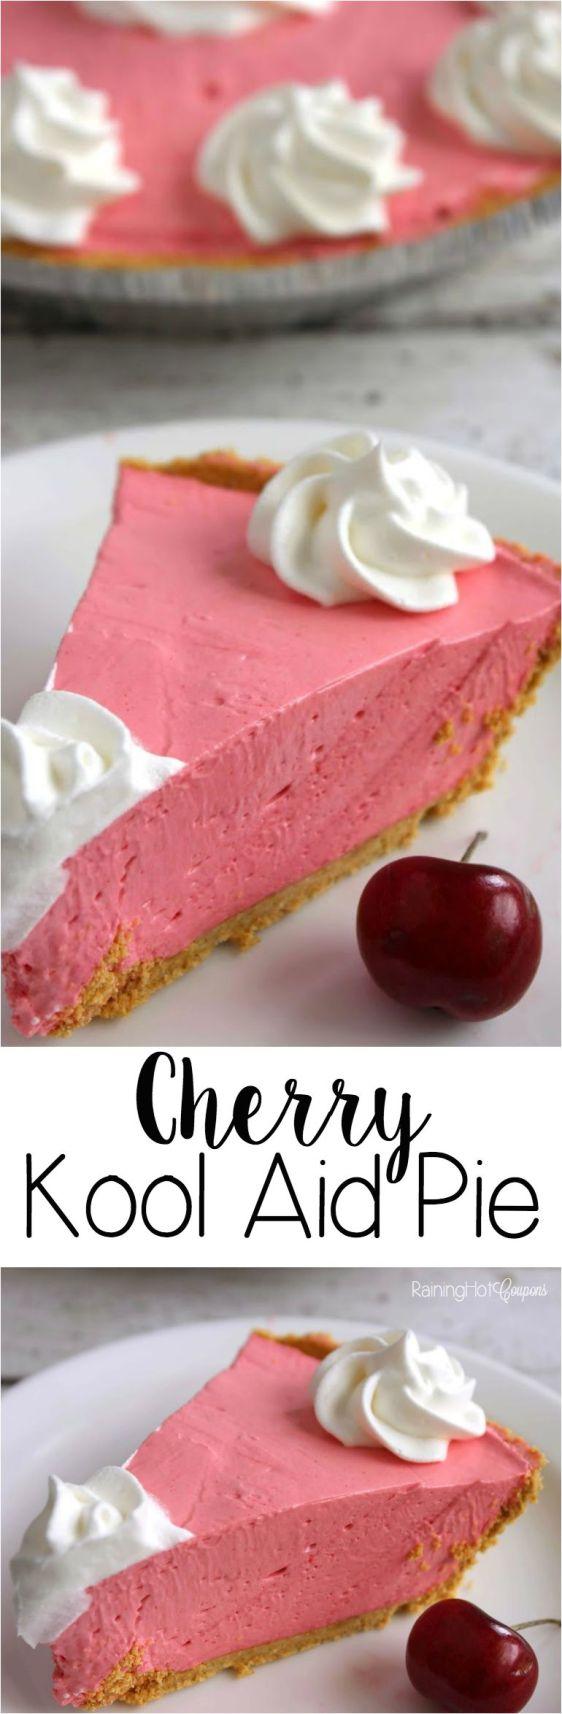 cherry kool aid